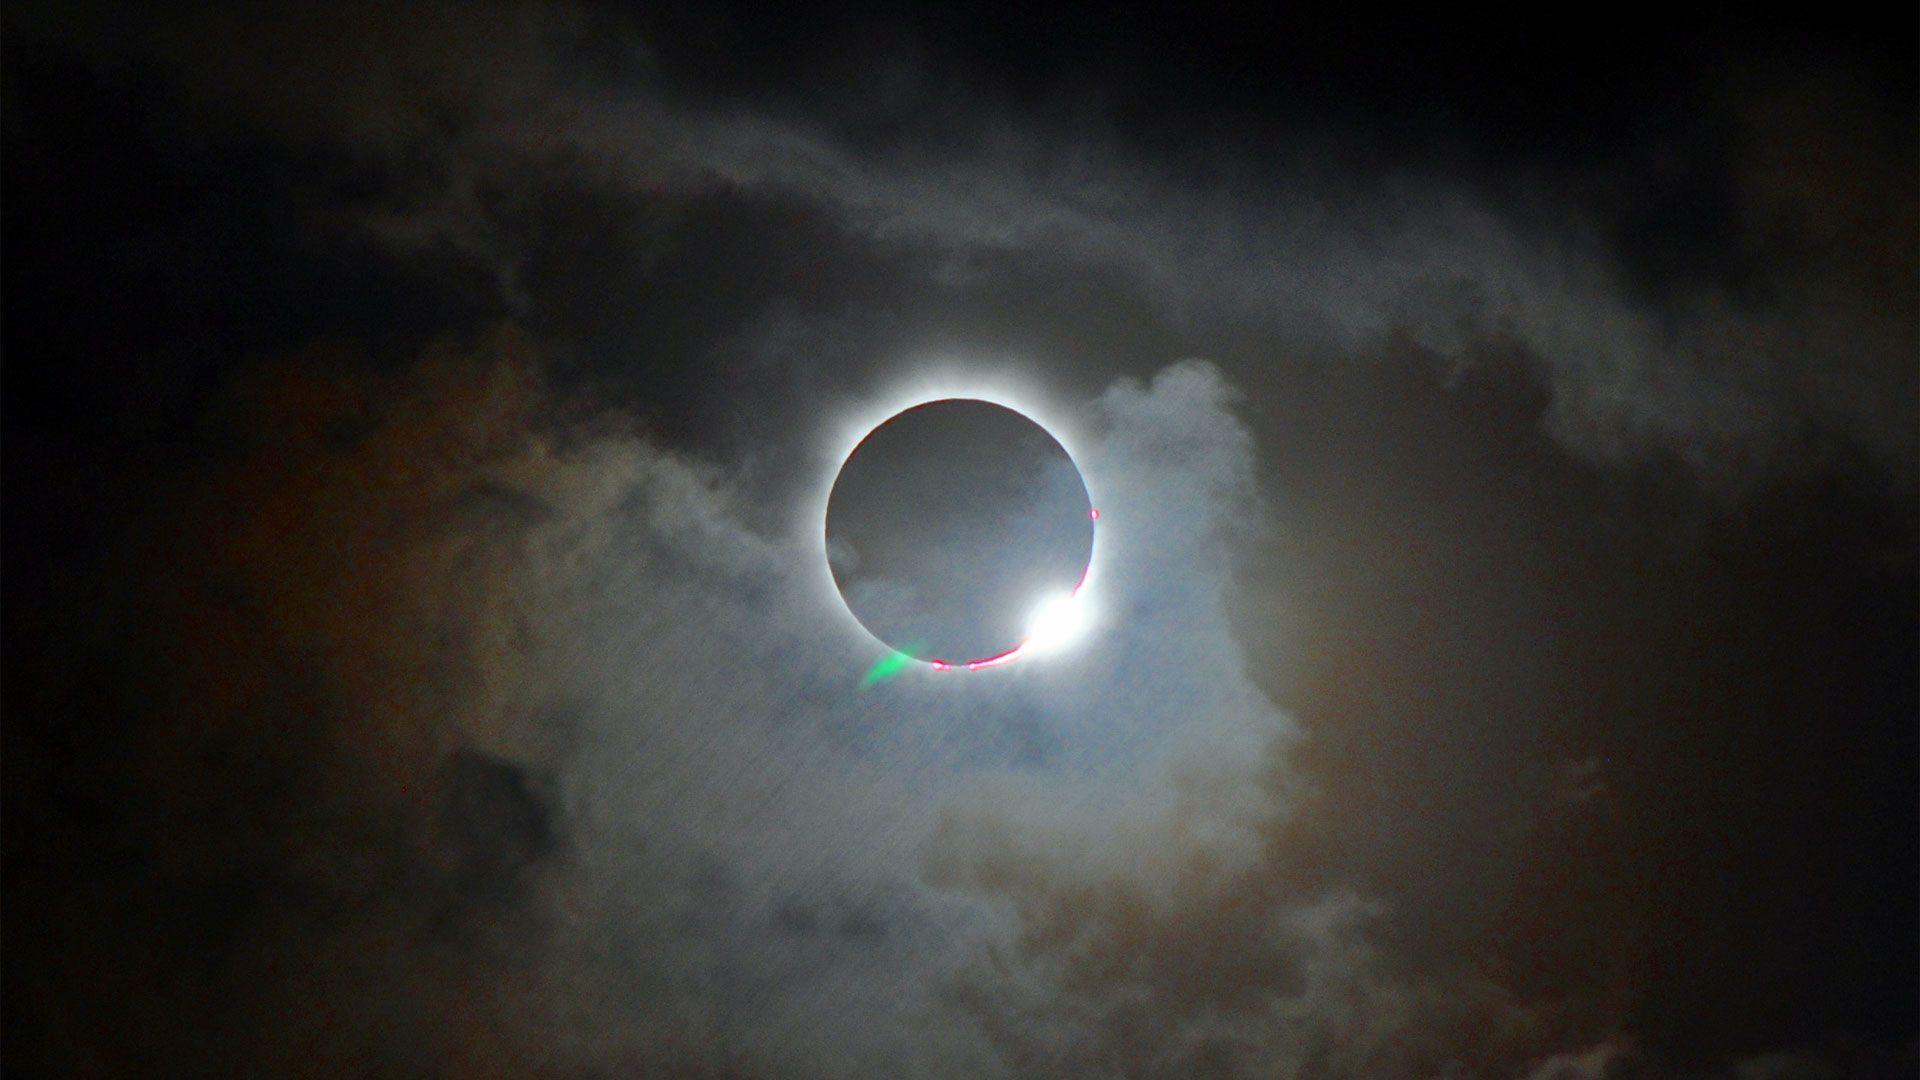 Napfogyatkozás – Wikipédia - Napfogyatkozás hatása a látásra